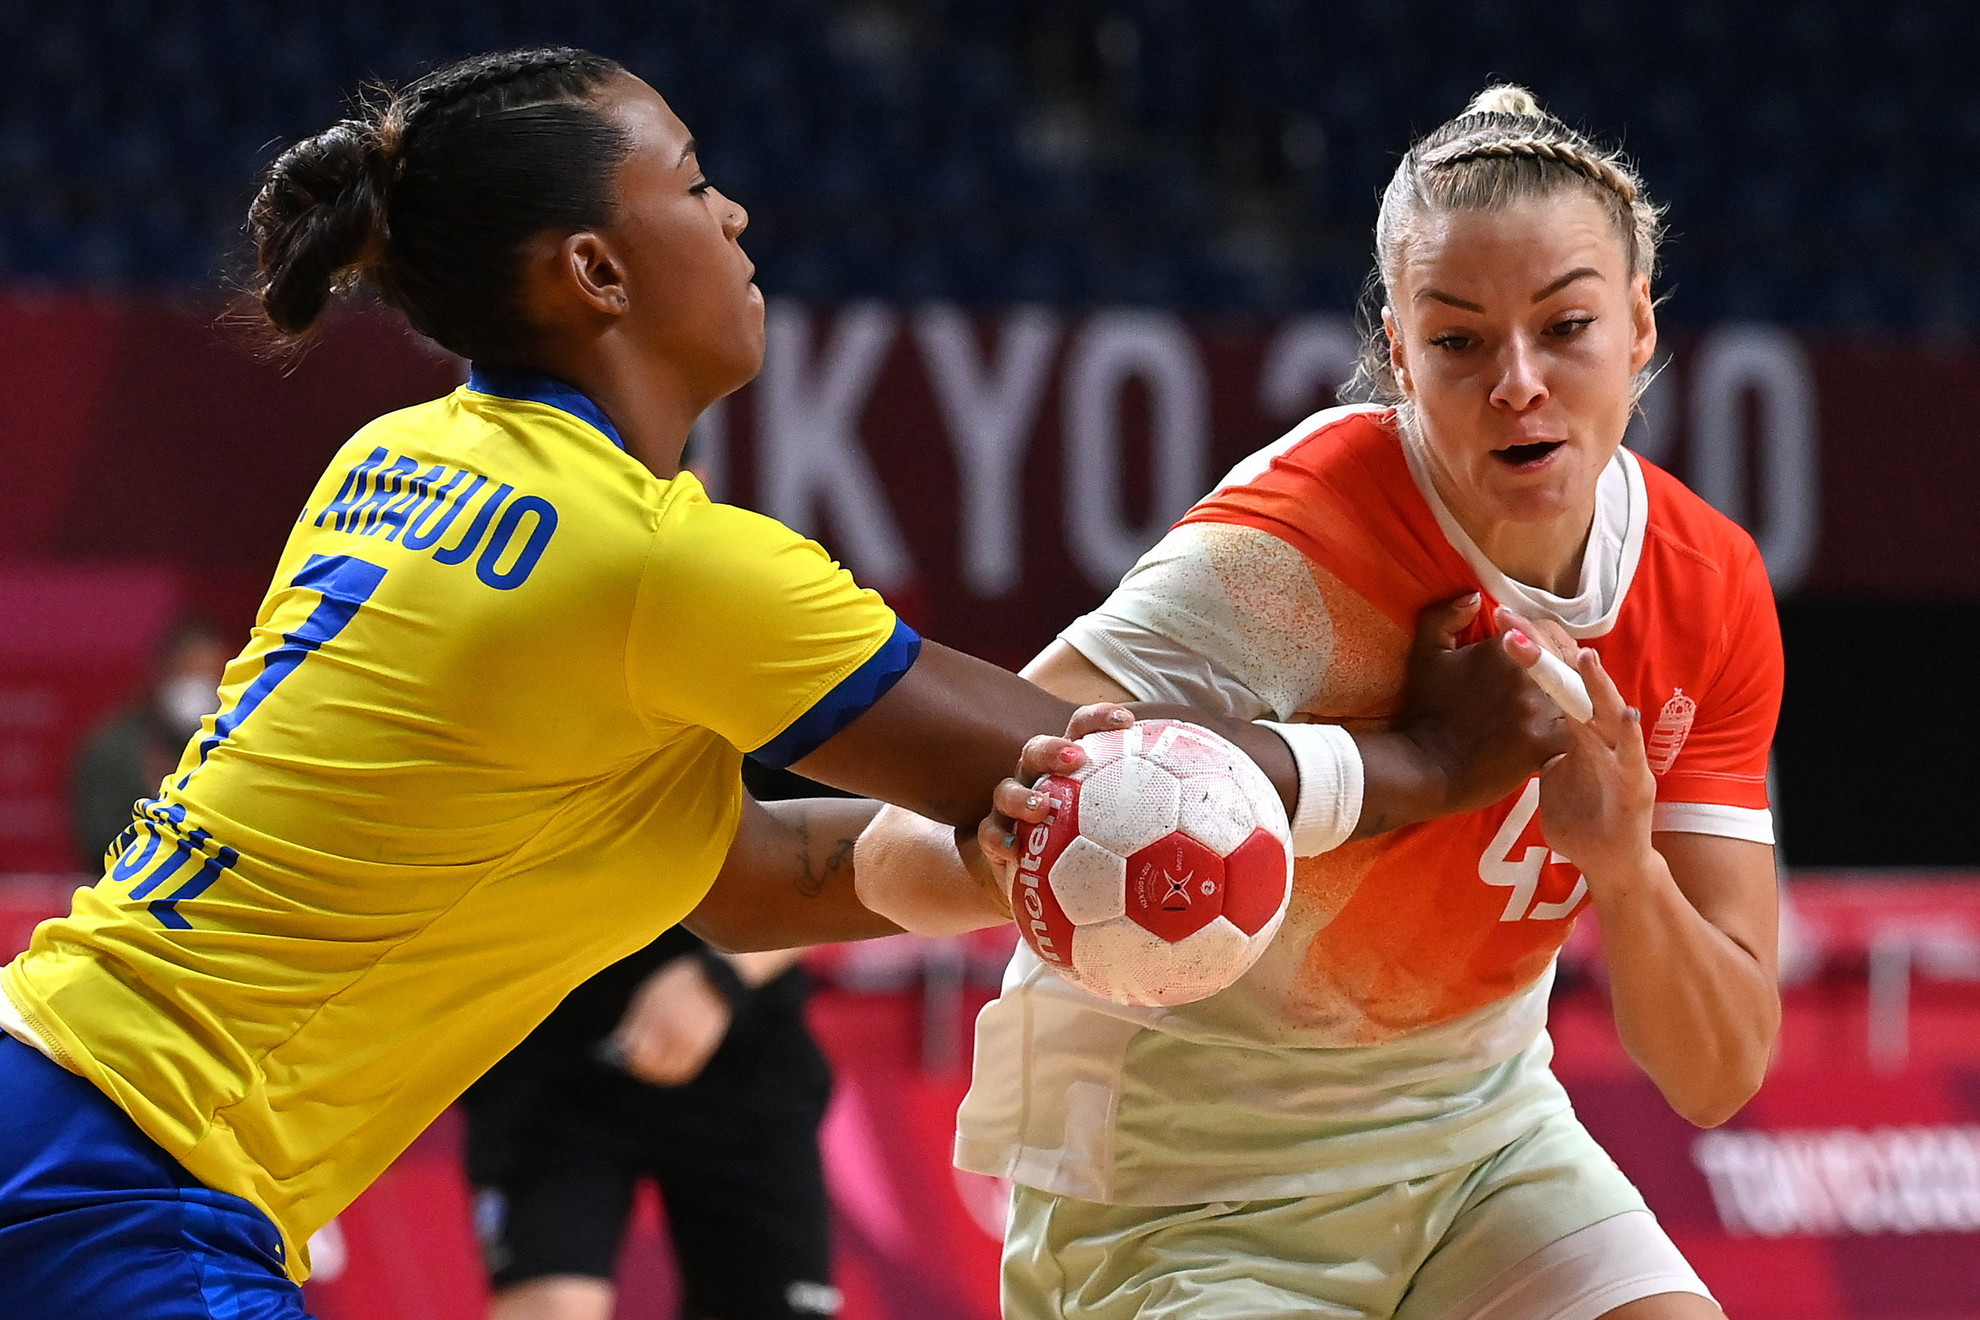 A magyar csapat újabb fájó vereséget szenvedett, a brazilok ellen Háfra Noéminek (jobbra) sem ment a játék, mindössze egy gólt tudott szerezni a fiatal irányító-átlövő